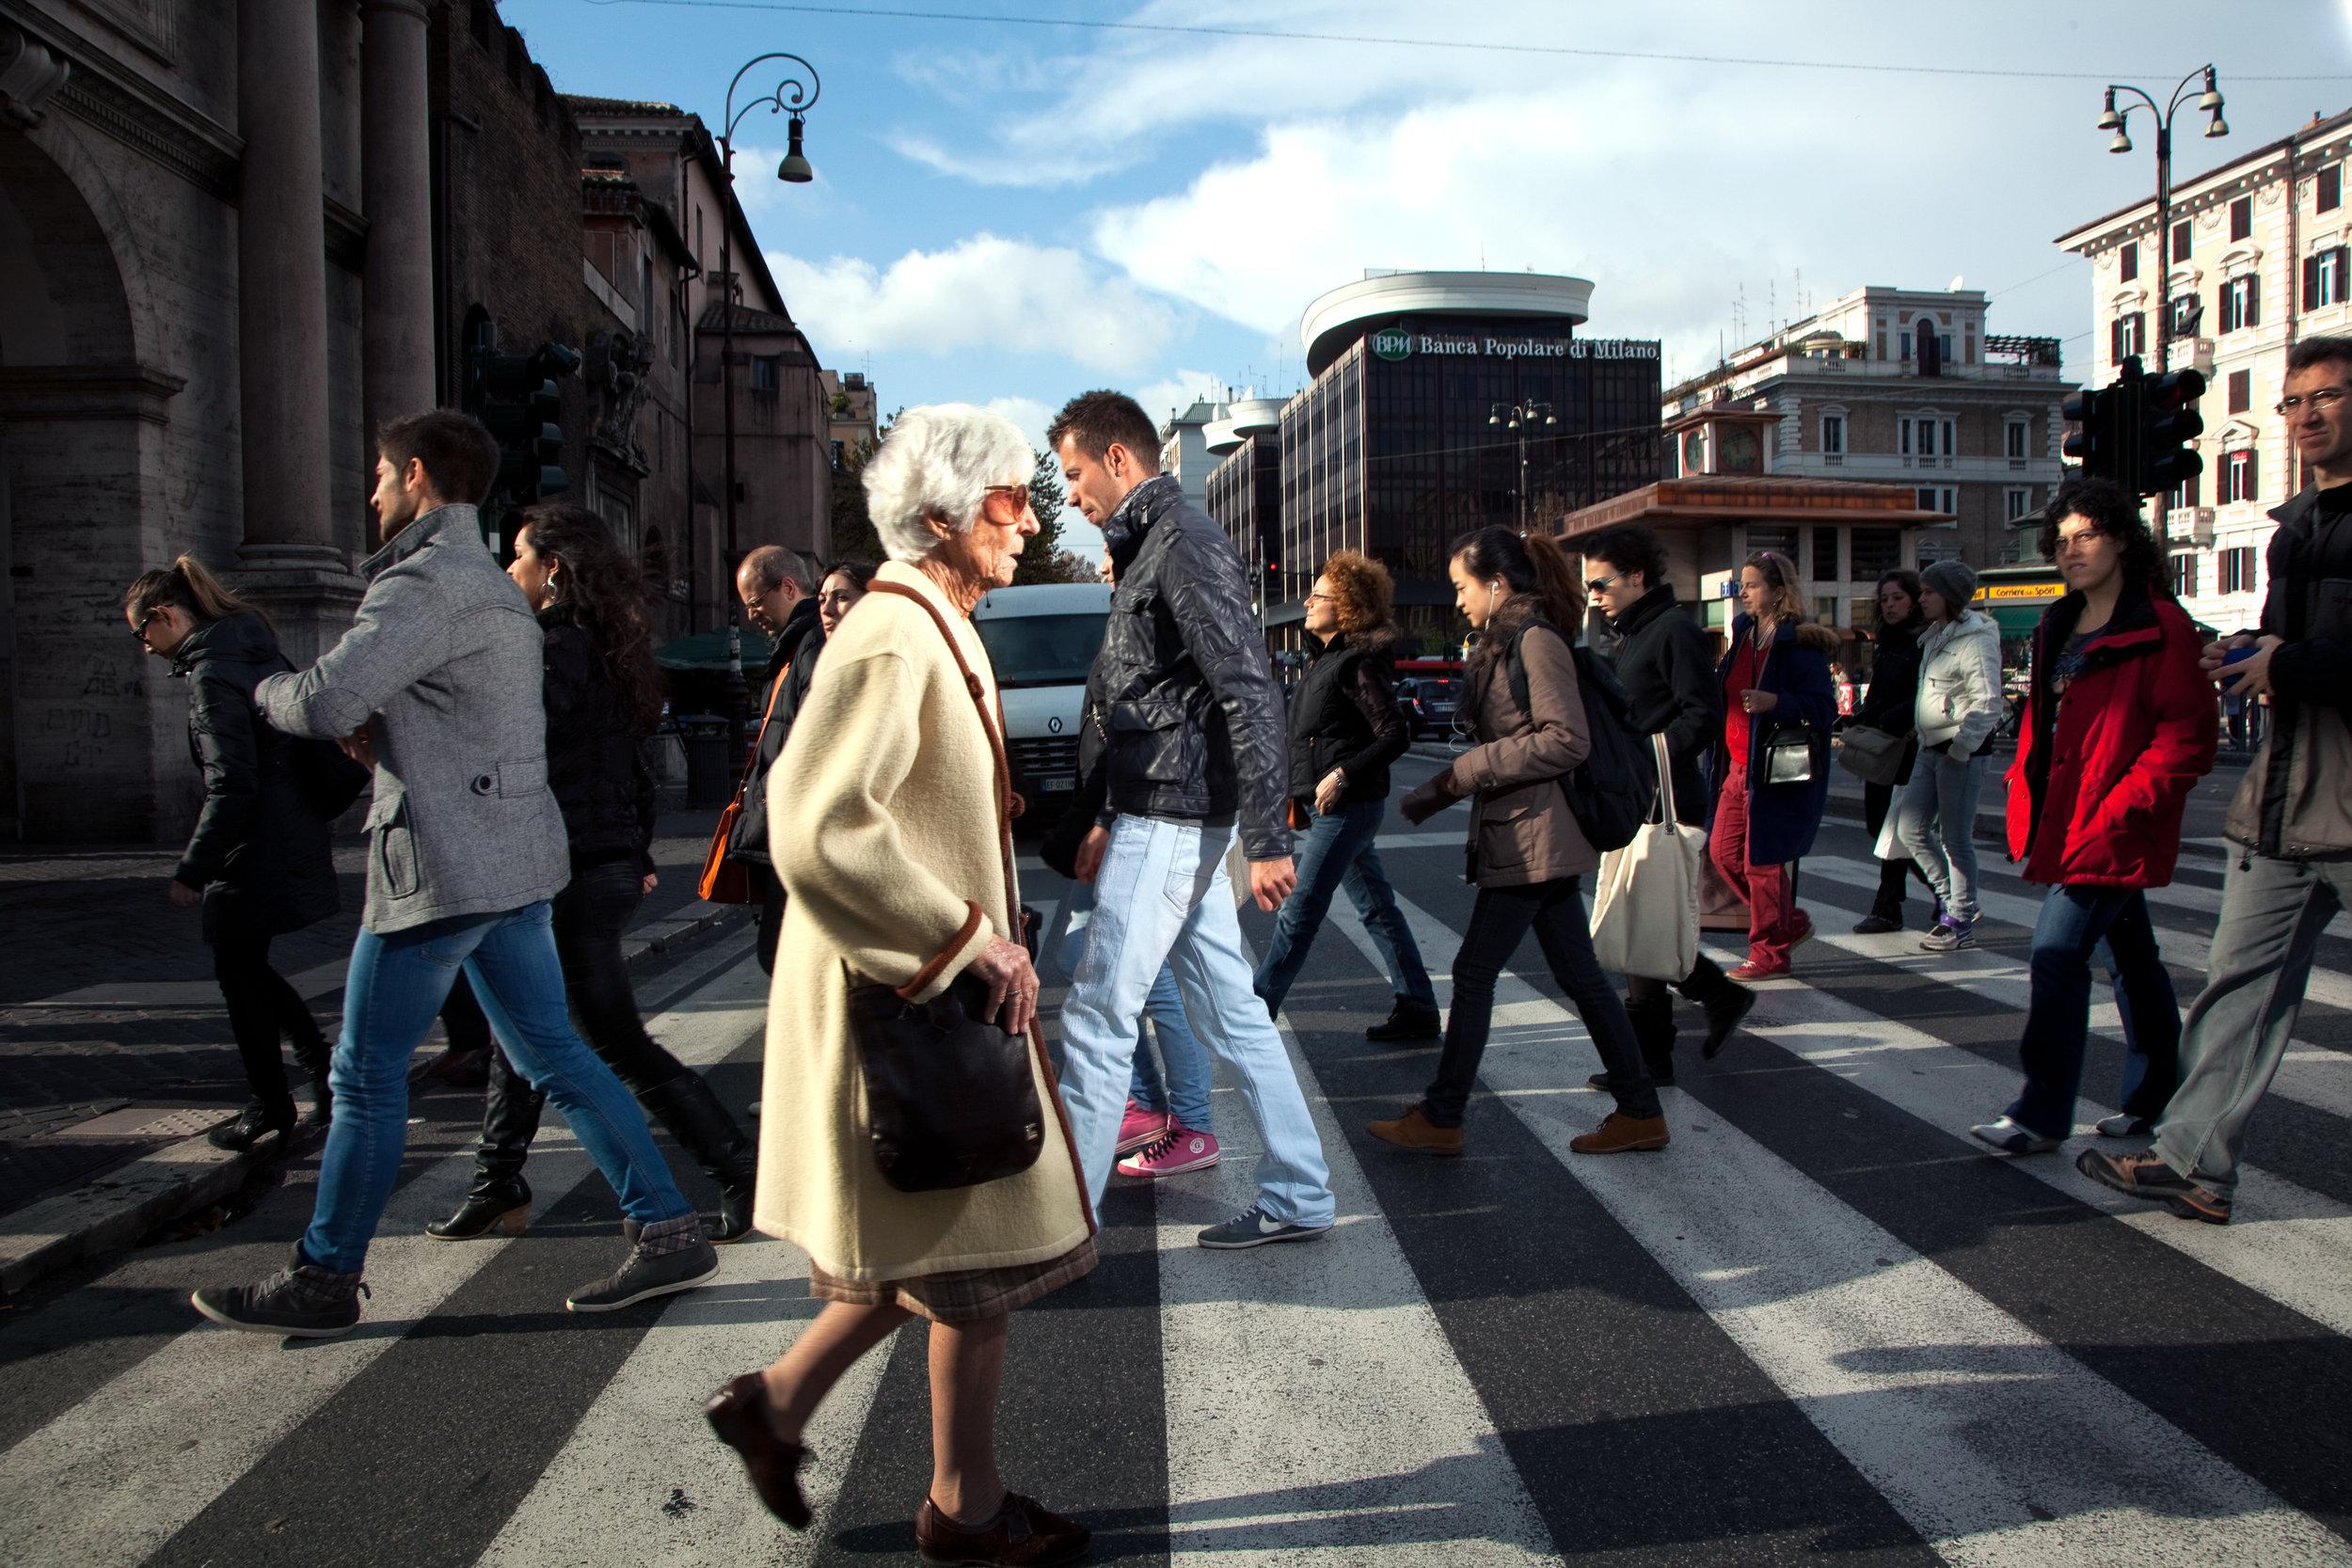 Poike_Stomps_4_Rome_Crossing_Europe (1 van 1).jpg